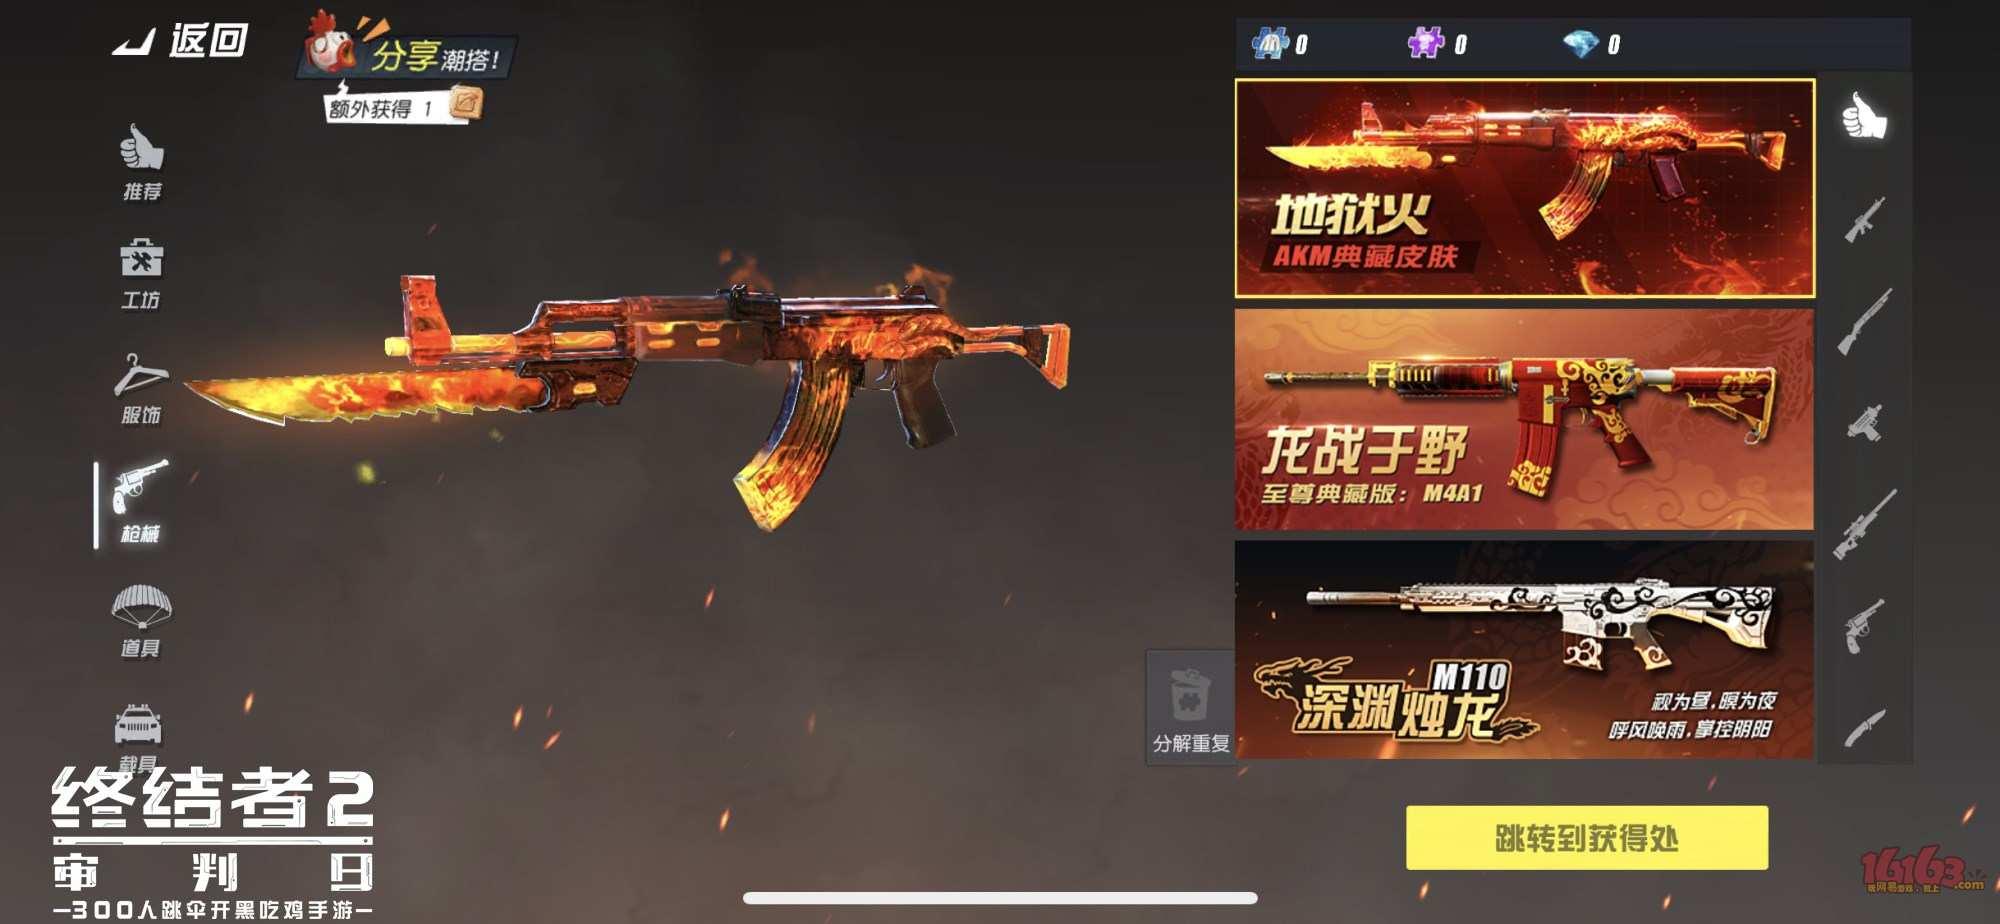 图2:枪械皮肤地狱火.jpg